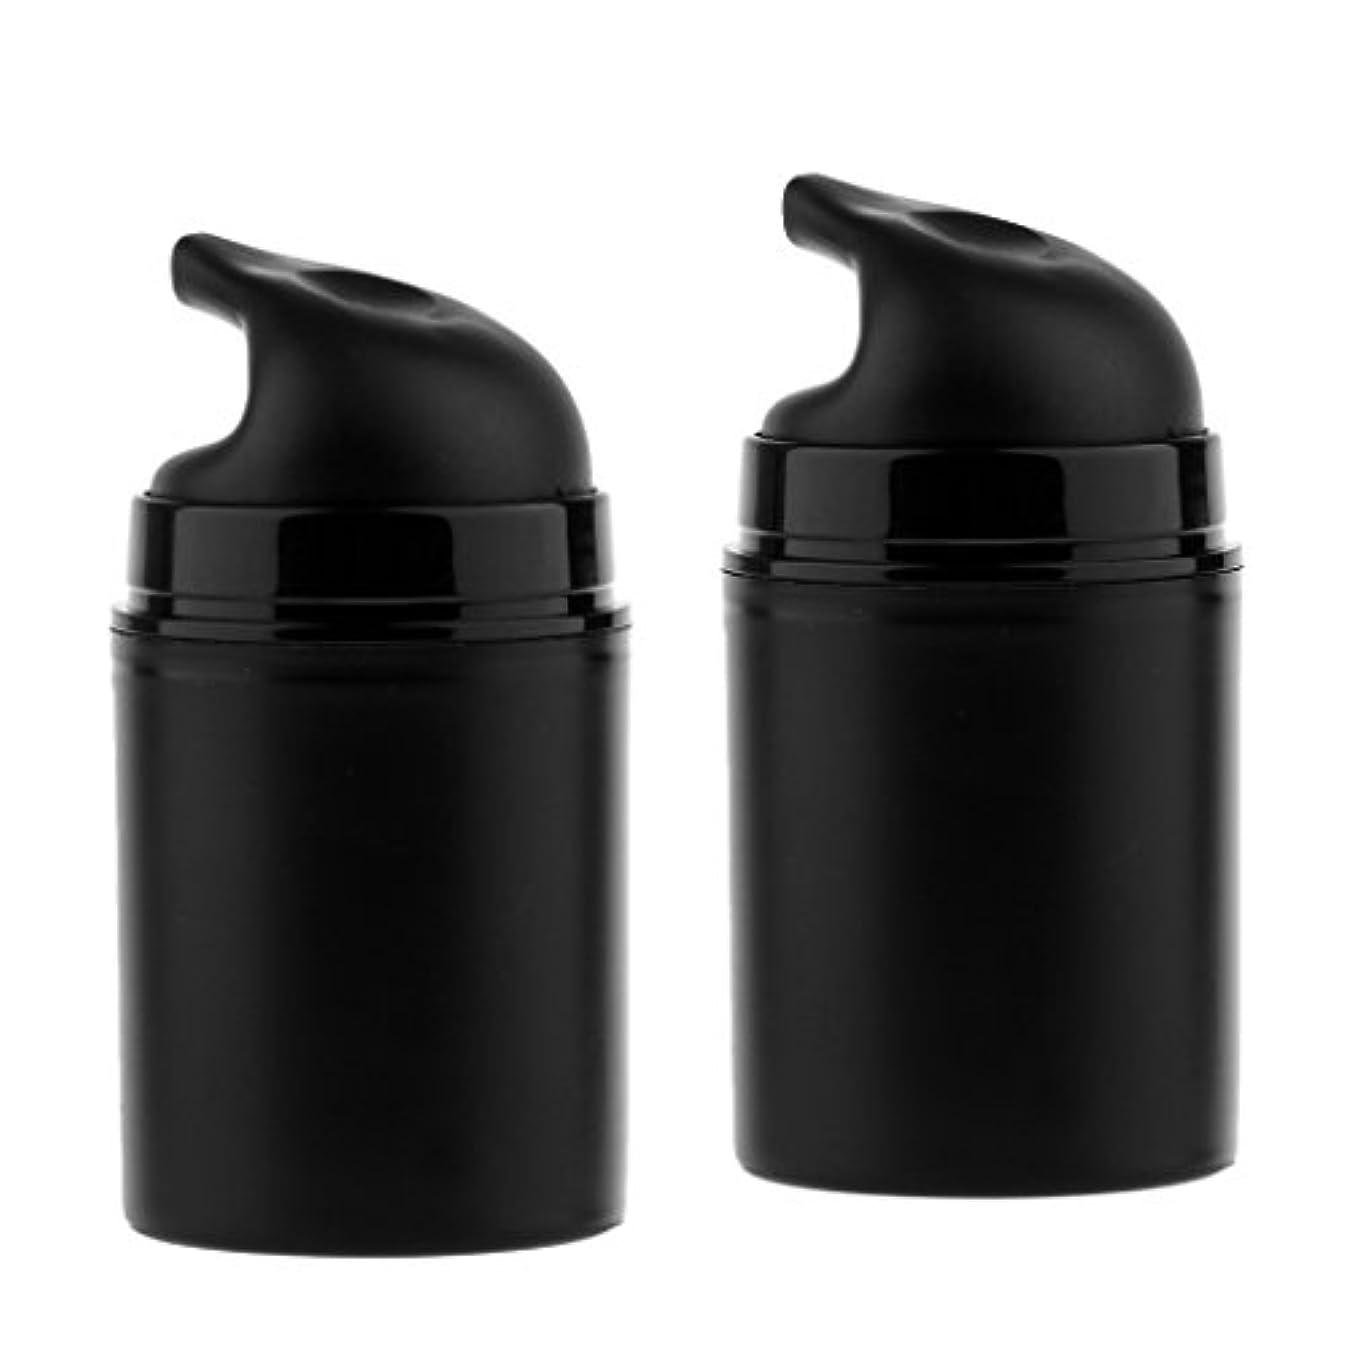 公式抗生物質許さない2本 ポンプボトル 空ボトル ローション コスメ ティック クリームボトル エアレスポンプディスペンサー 50ml 2色選べる - ブラック